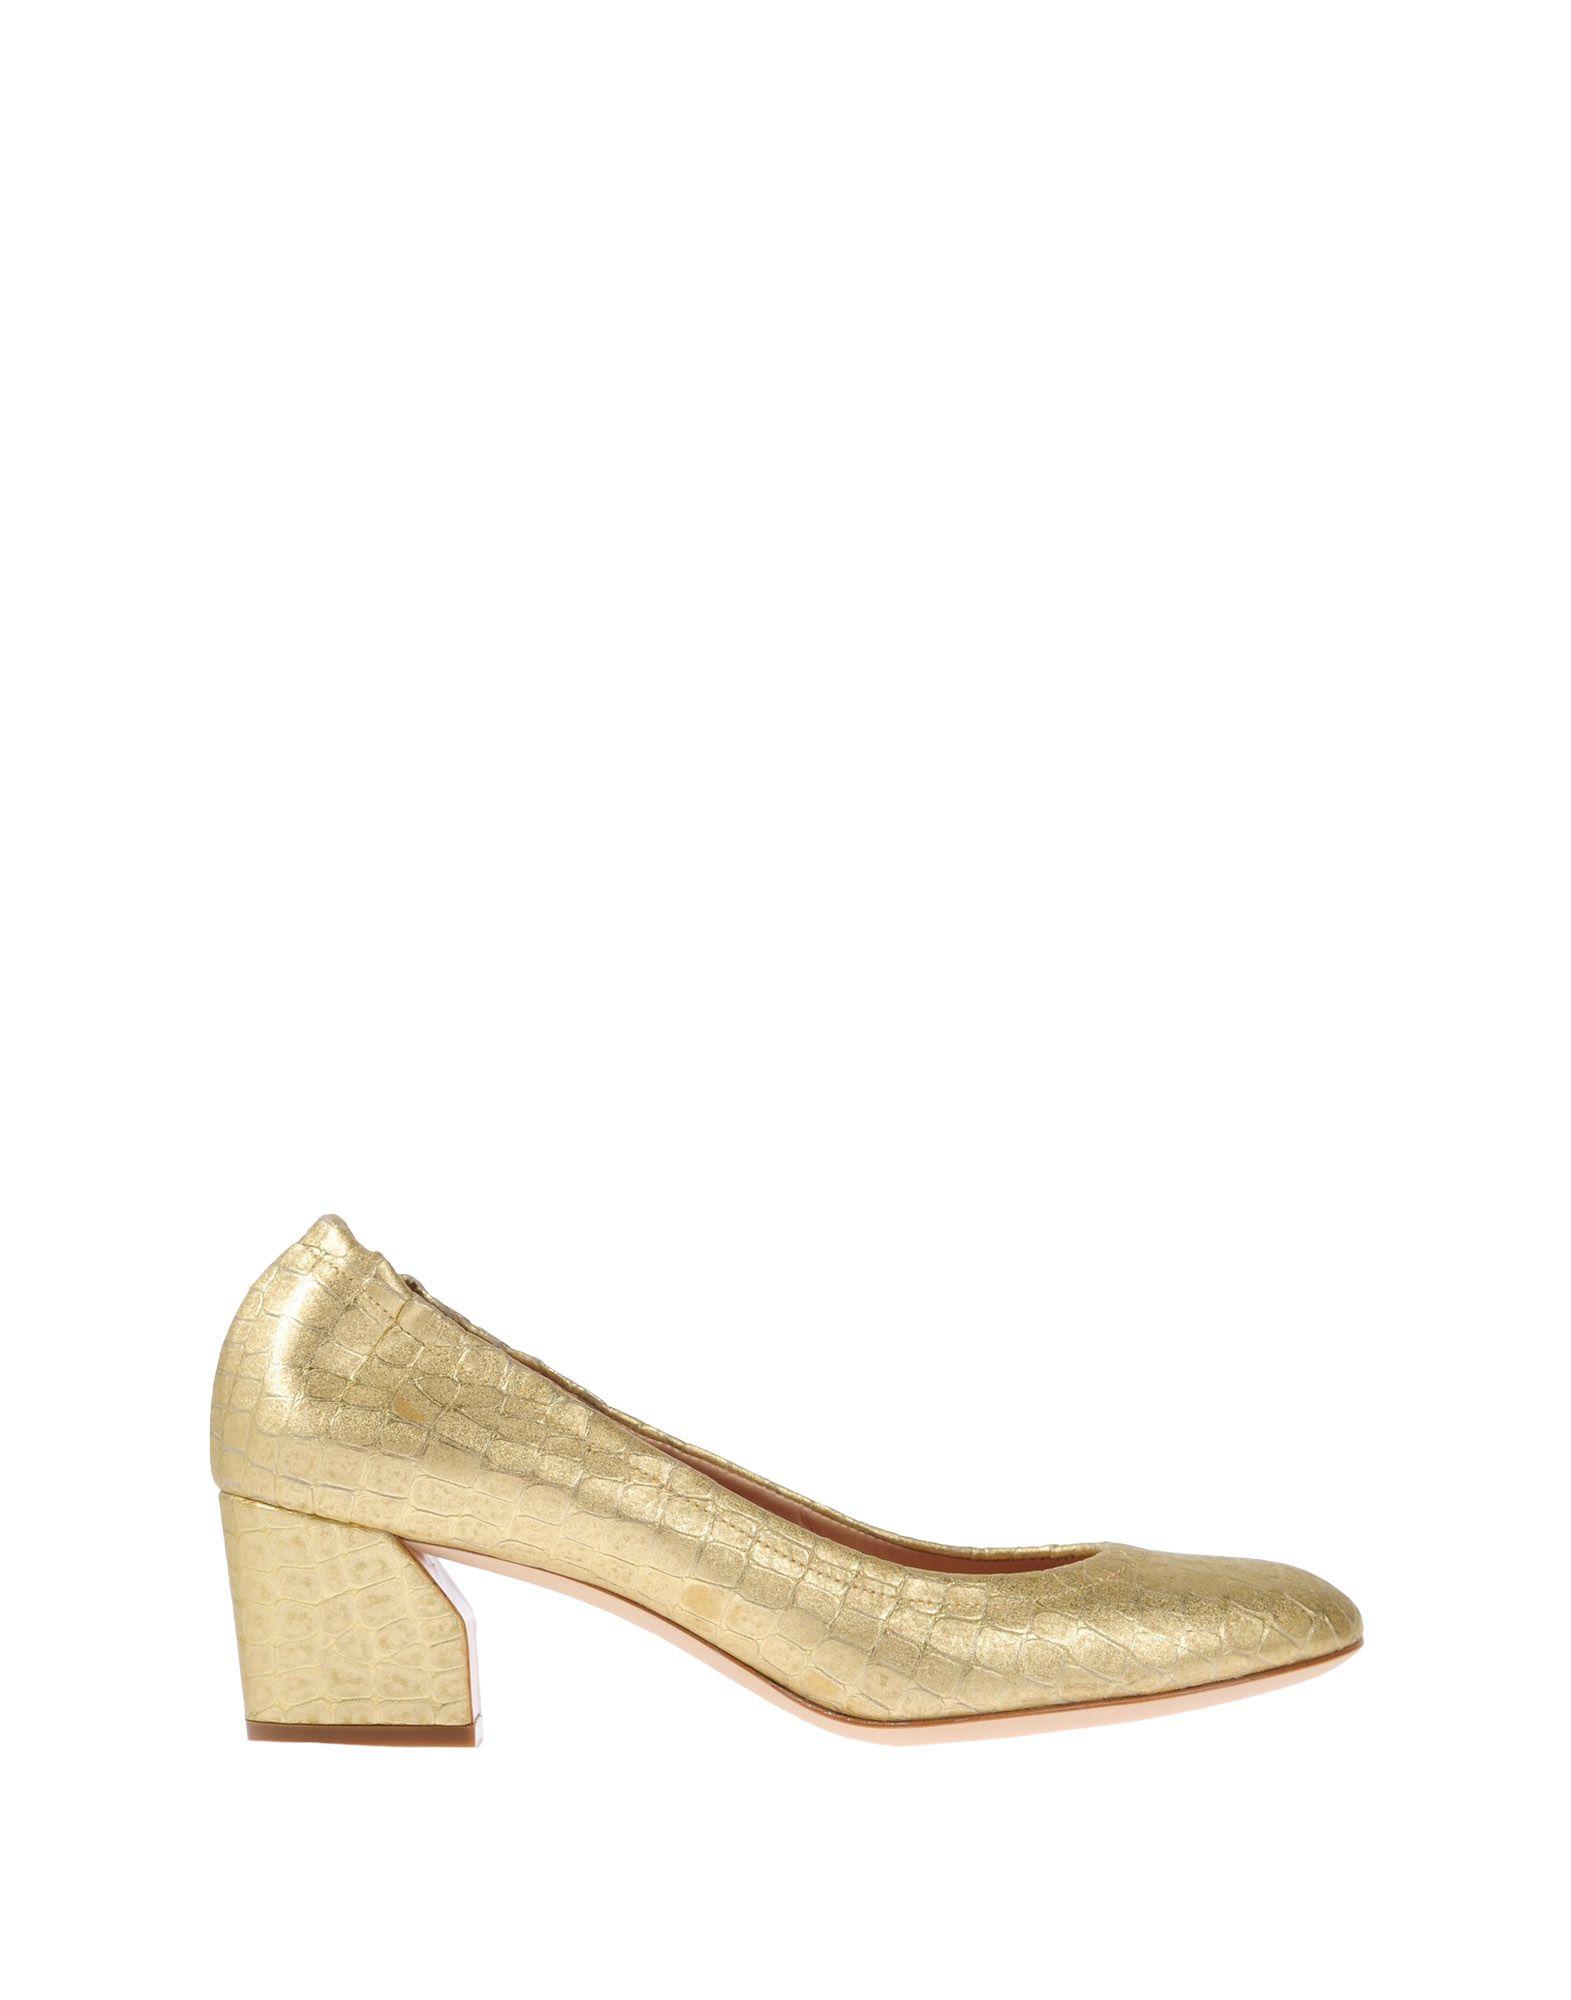 Casadei Pumps Pumps Casadei Damen  11426125DI Heiße Schuhe 8a85d2